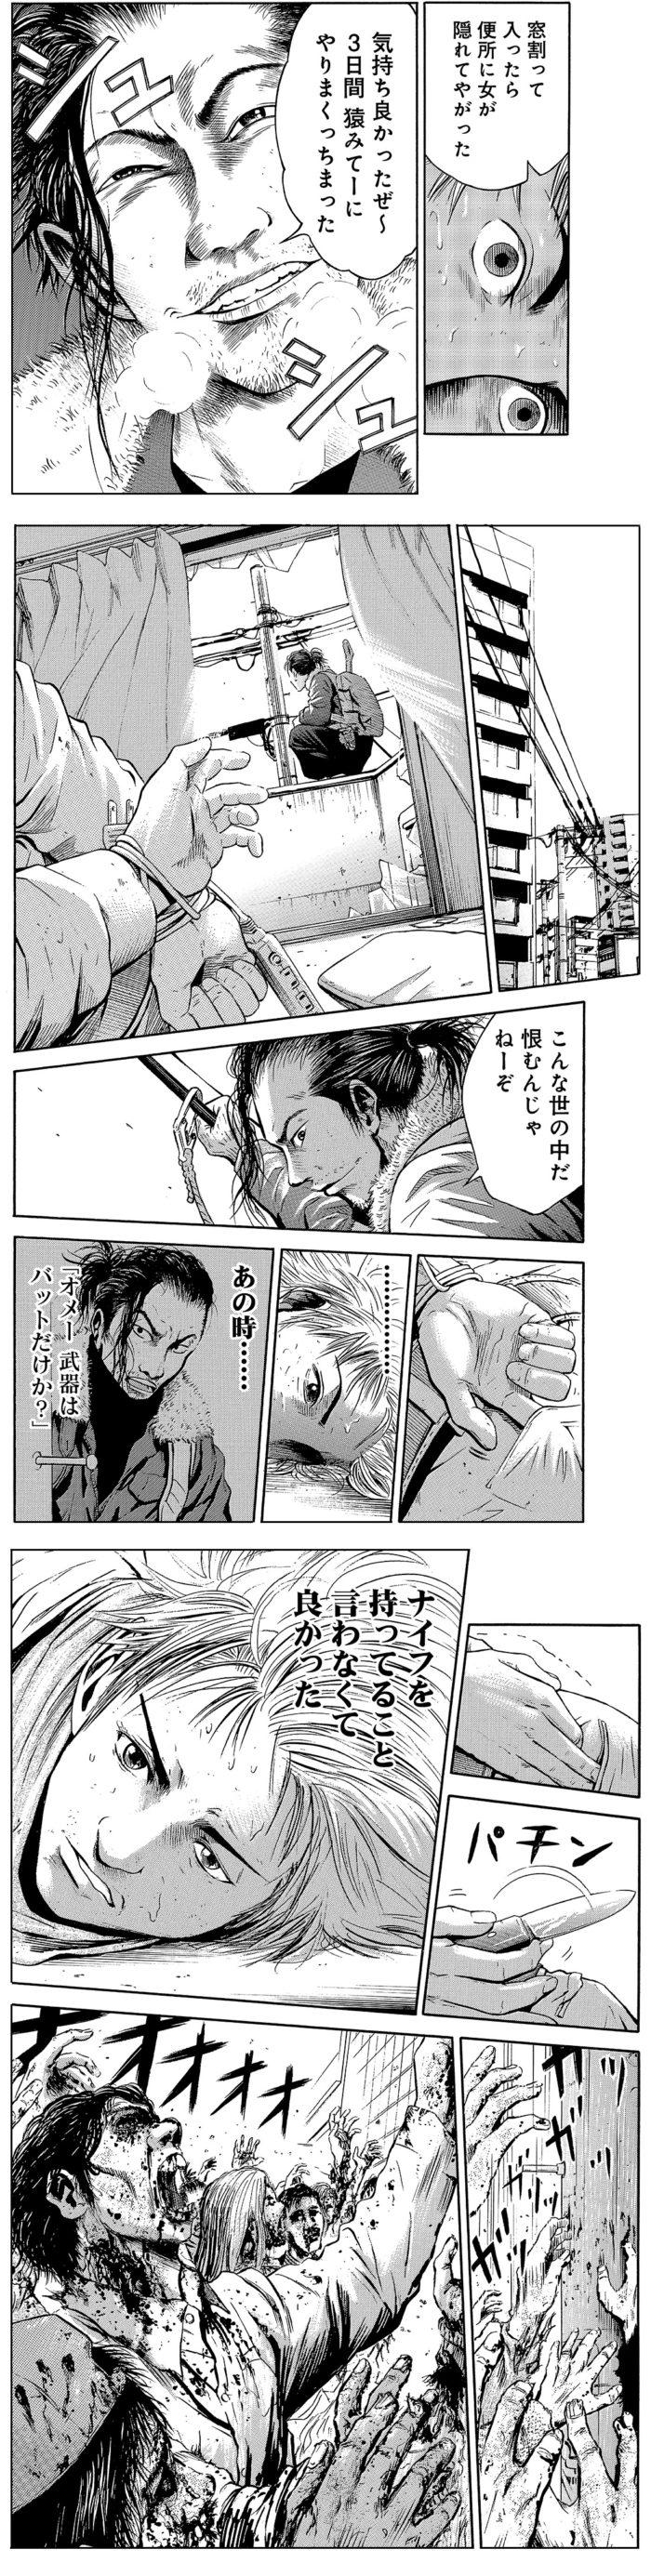 tokyo-undead03-02